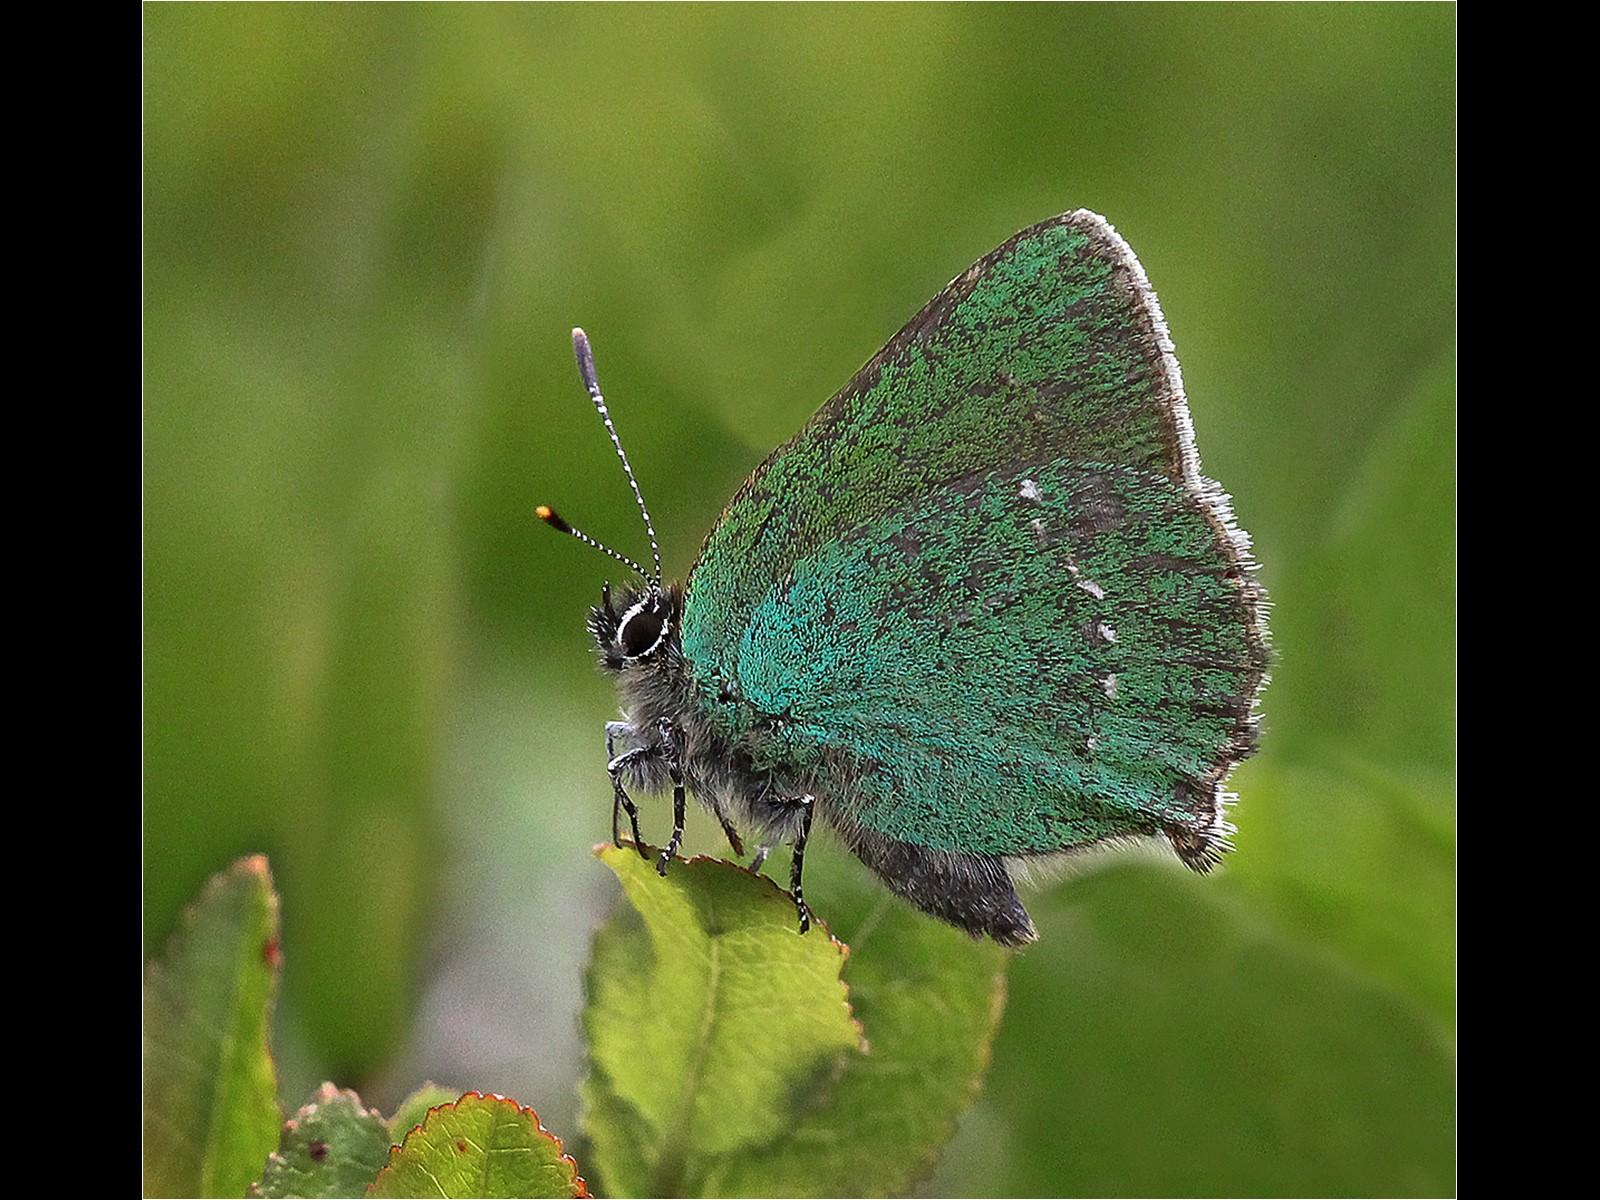 3.Green Hairstreak Butterfly